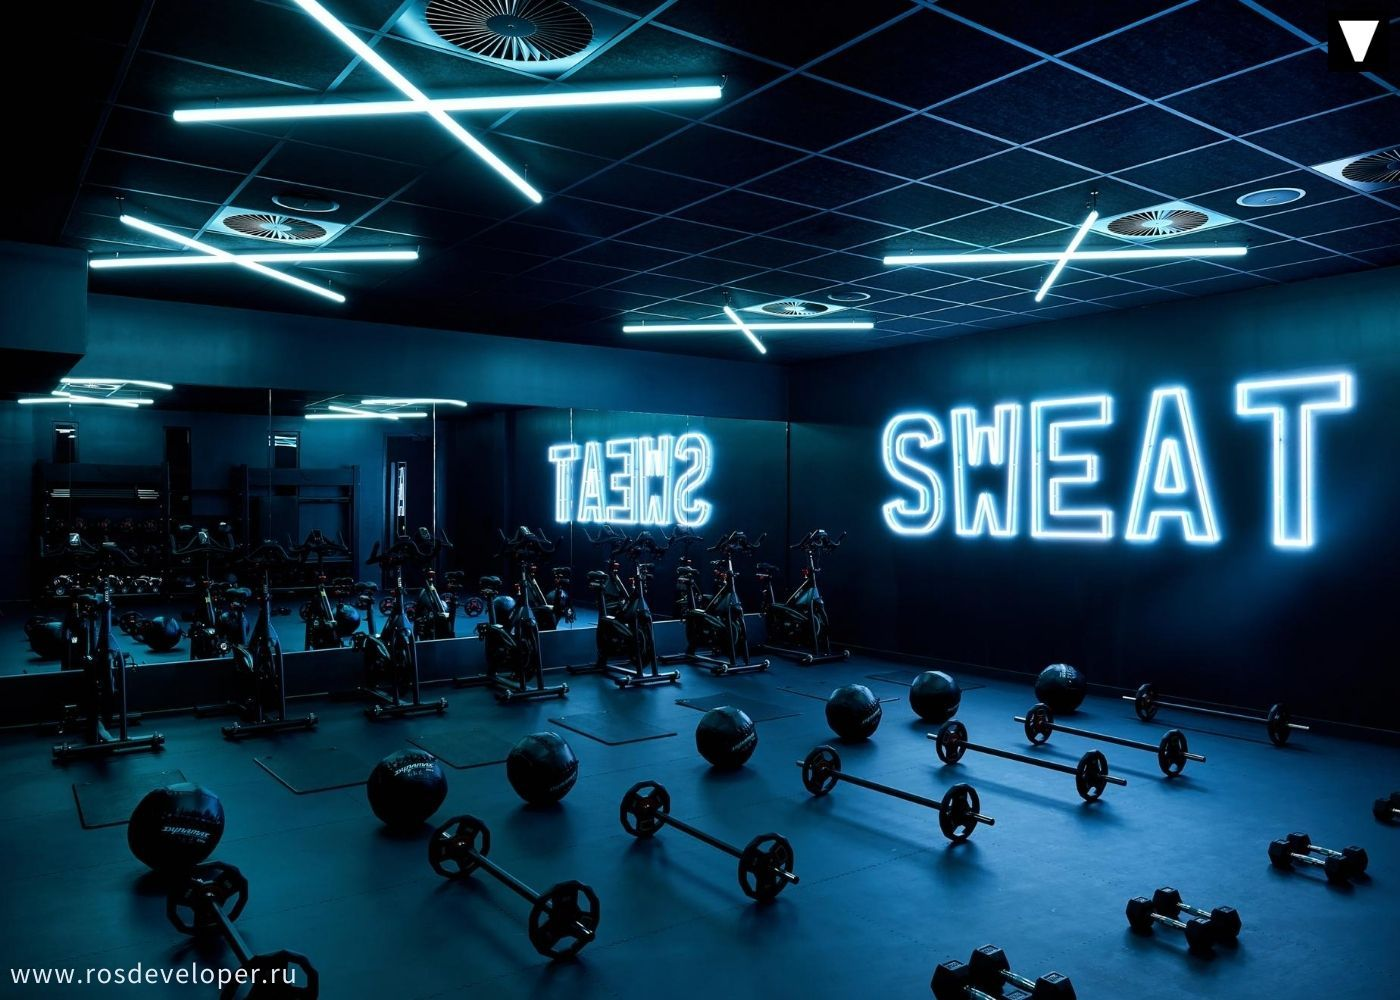 Фитнес клубы ночные клуб детских развлечений в москве